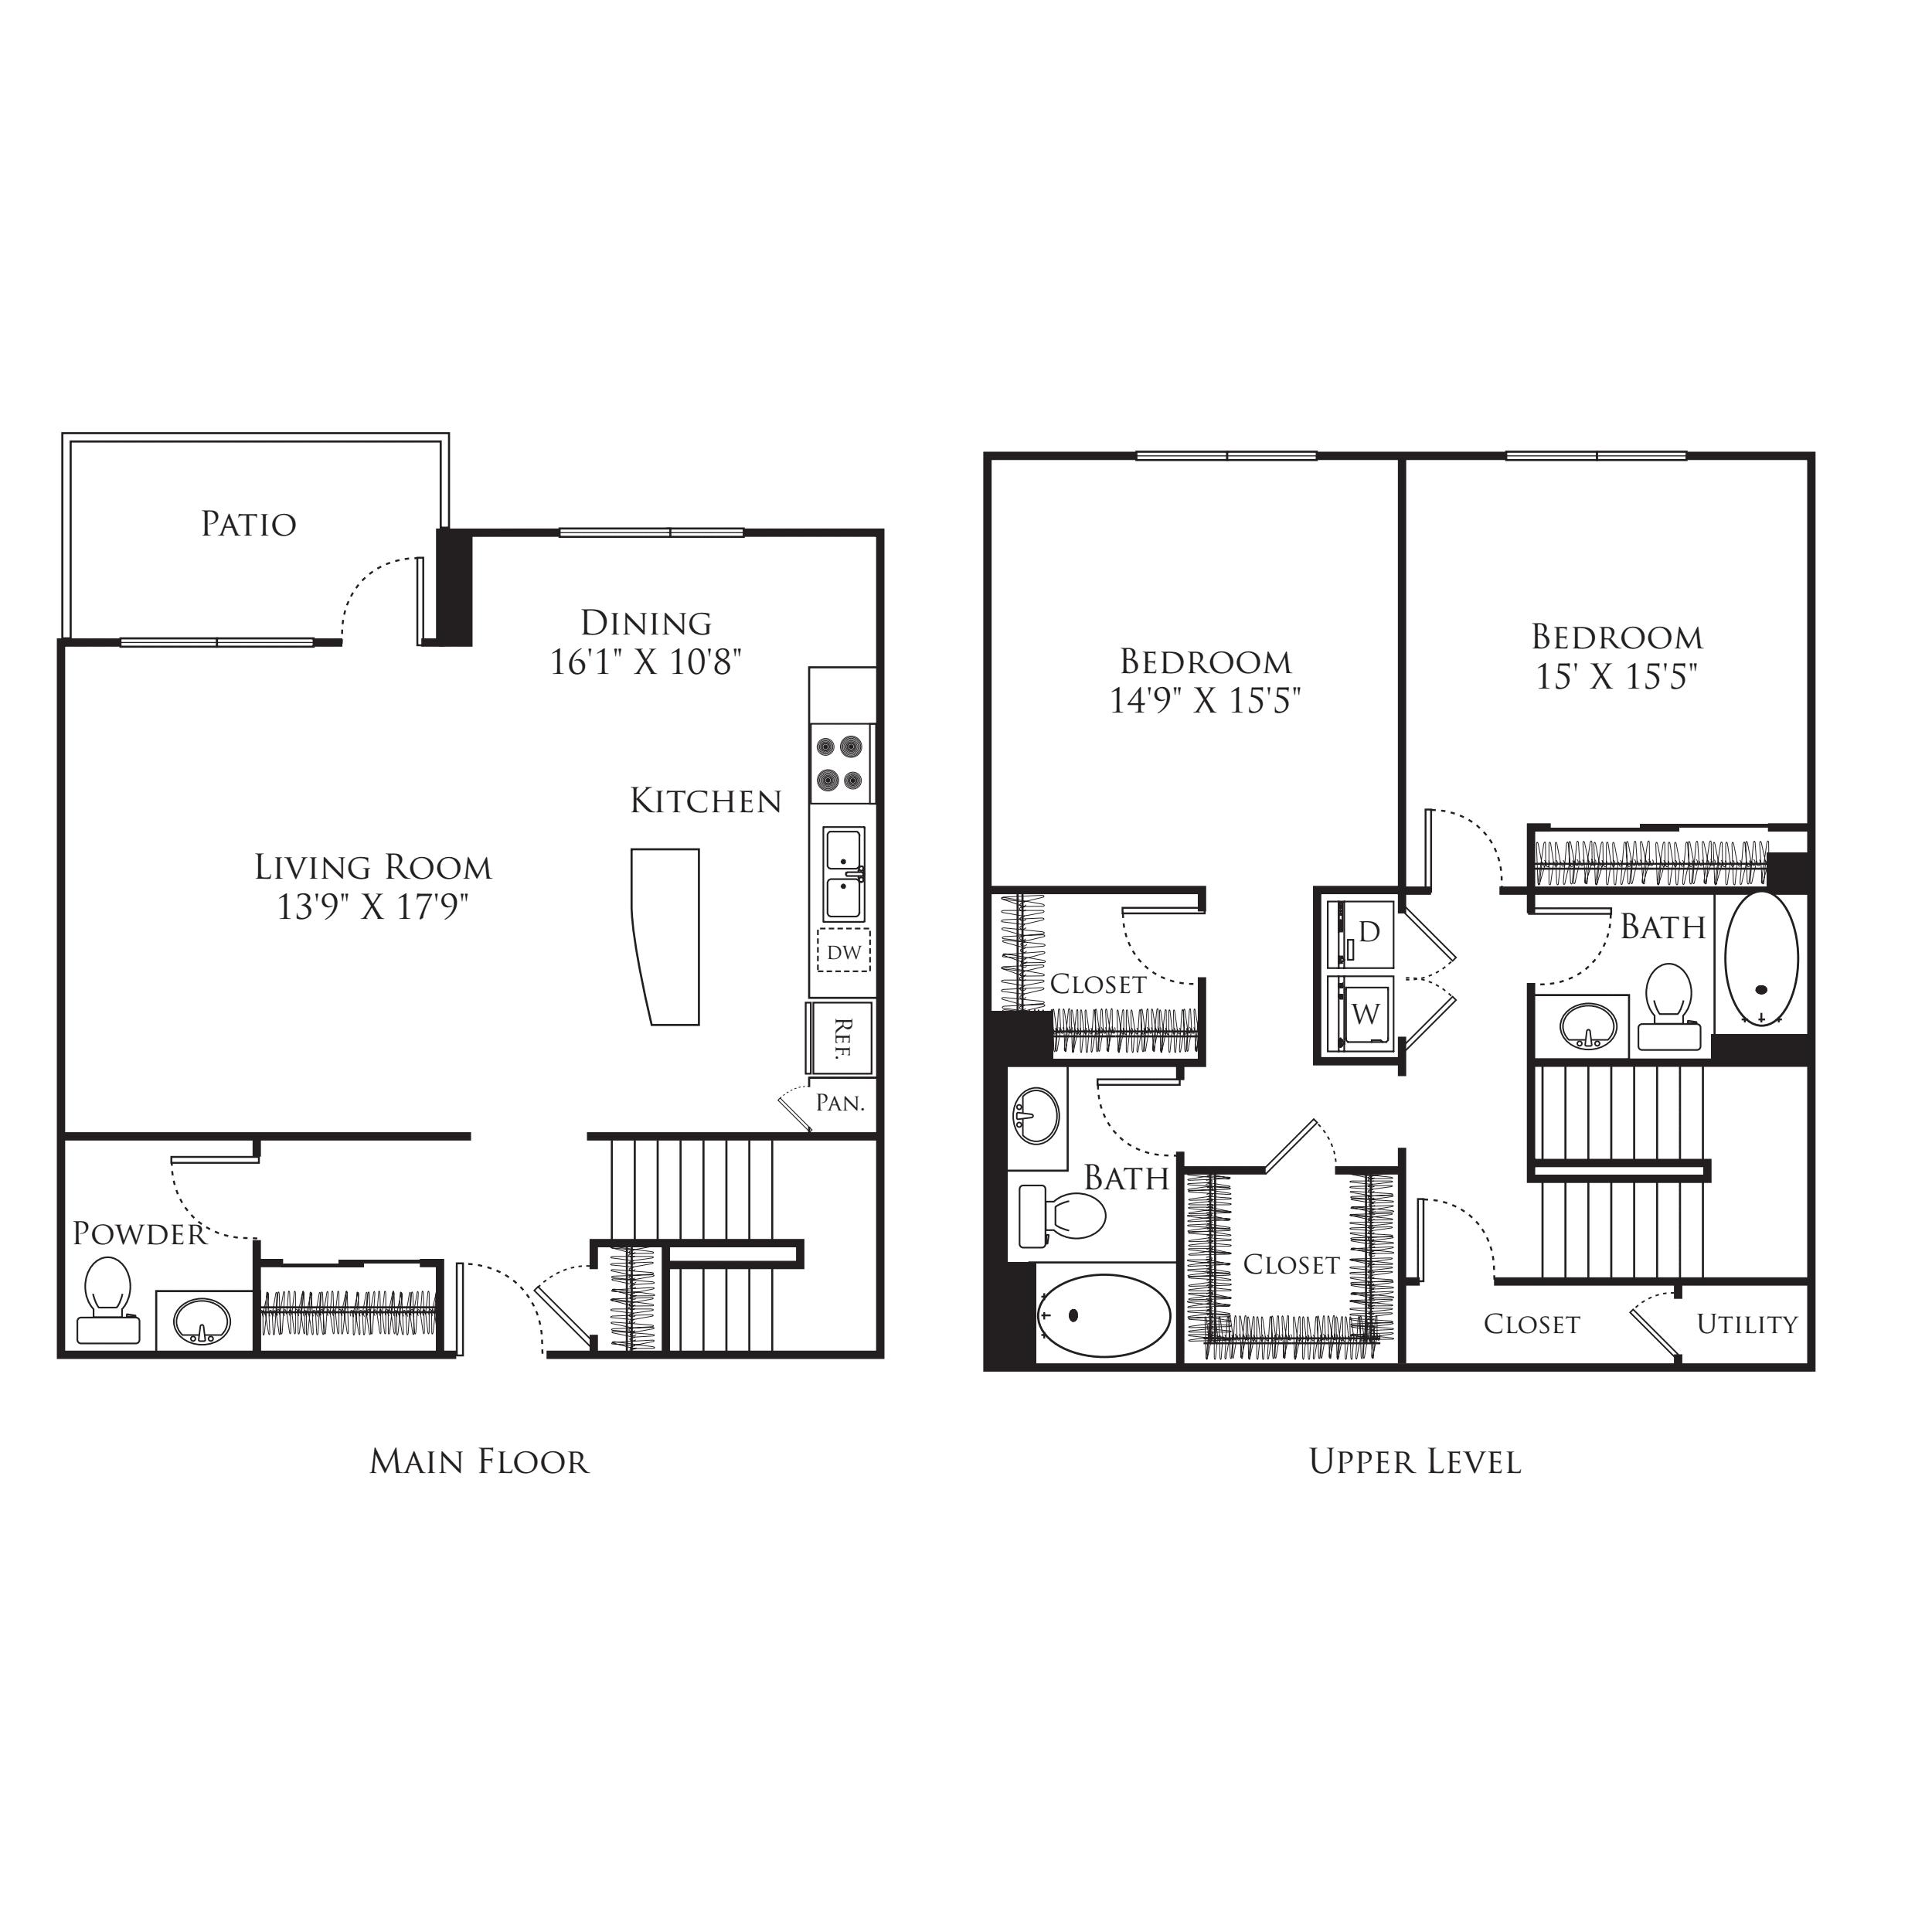 2 Bedroom TS